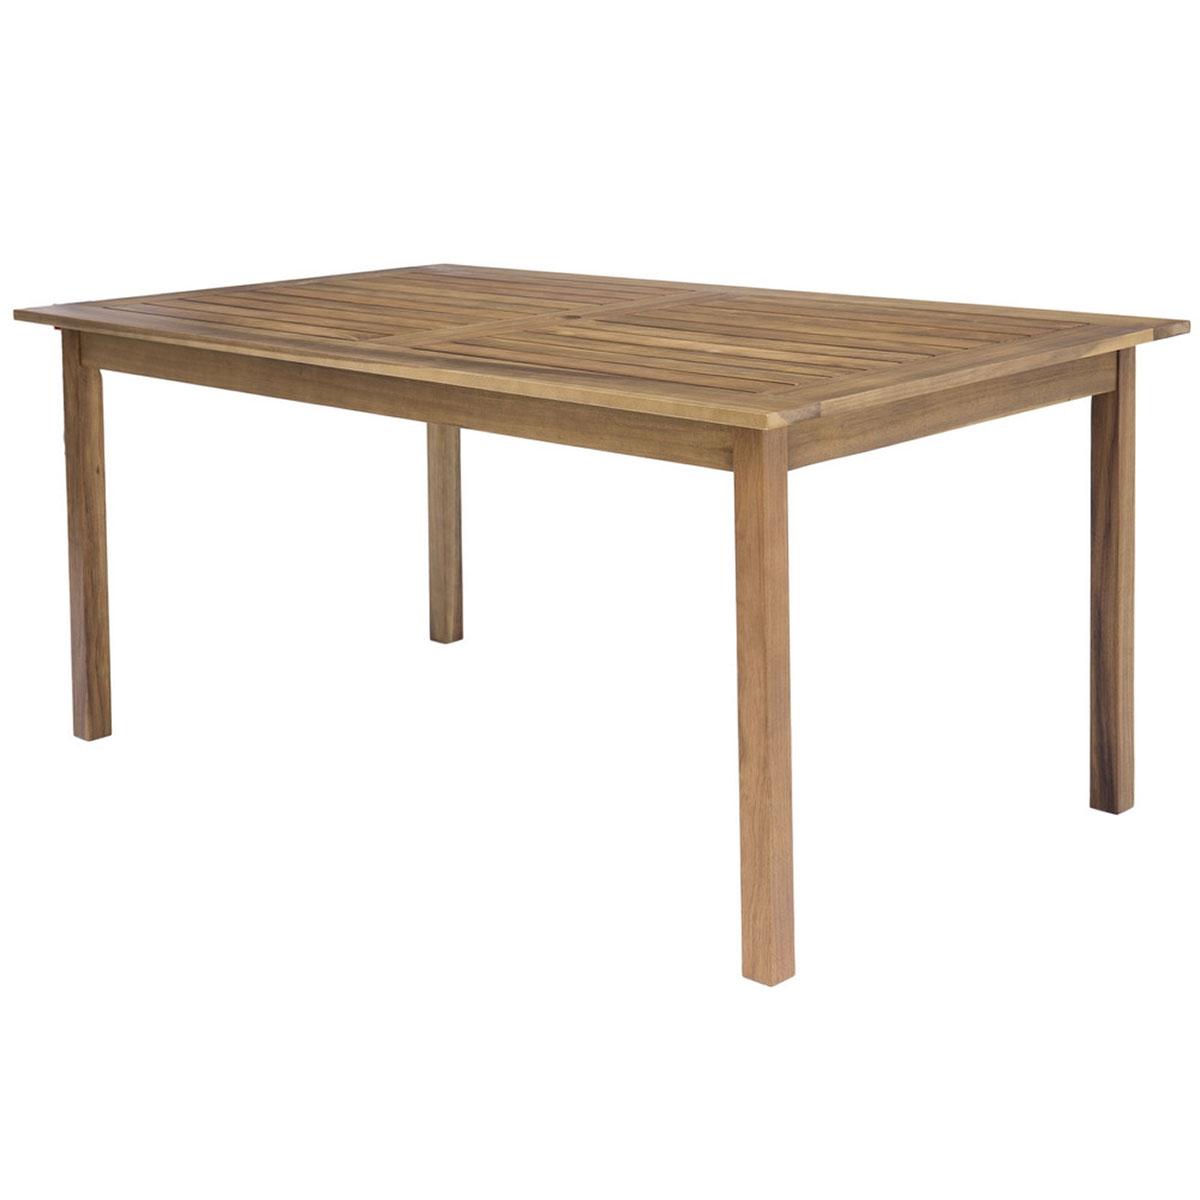 Table rectangulaire d'extérieur en acacia - Naturel - 150.00 cm x 90.00 cm x 75.00 cm